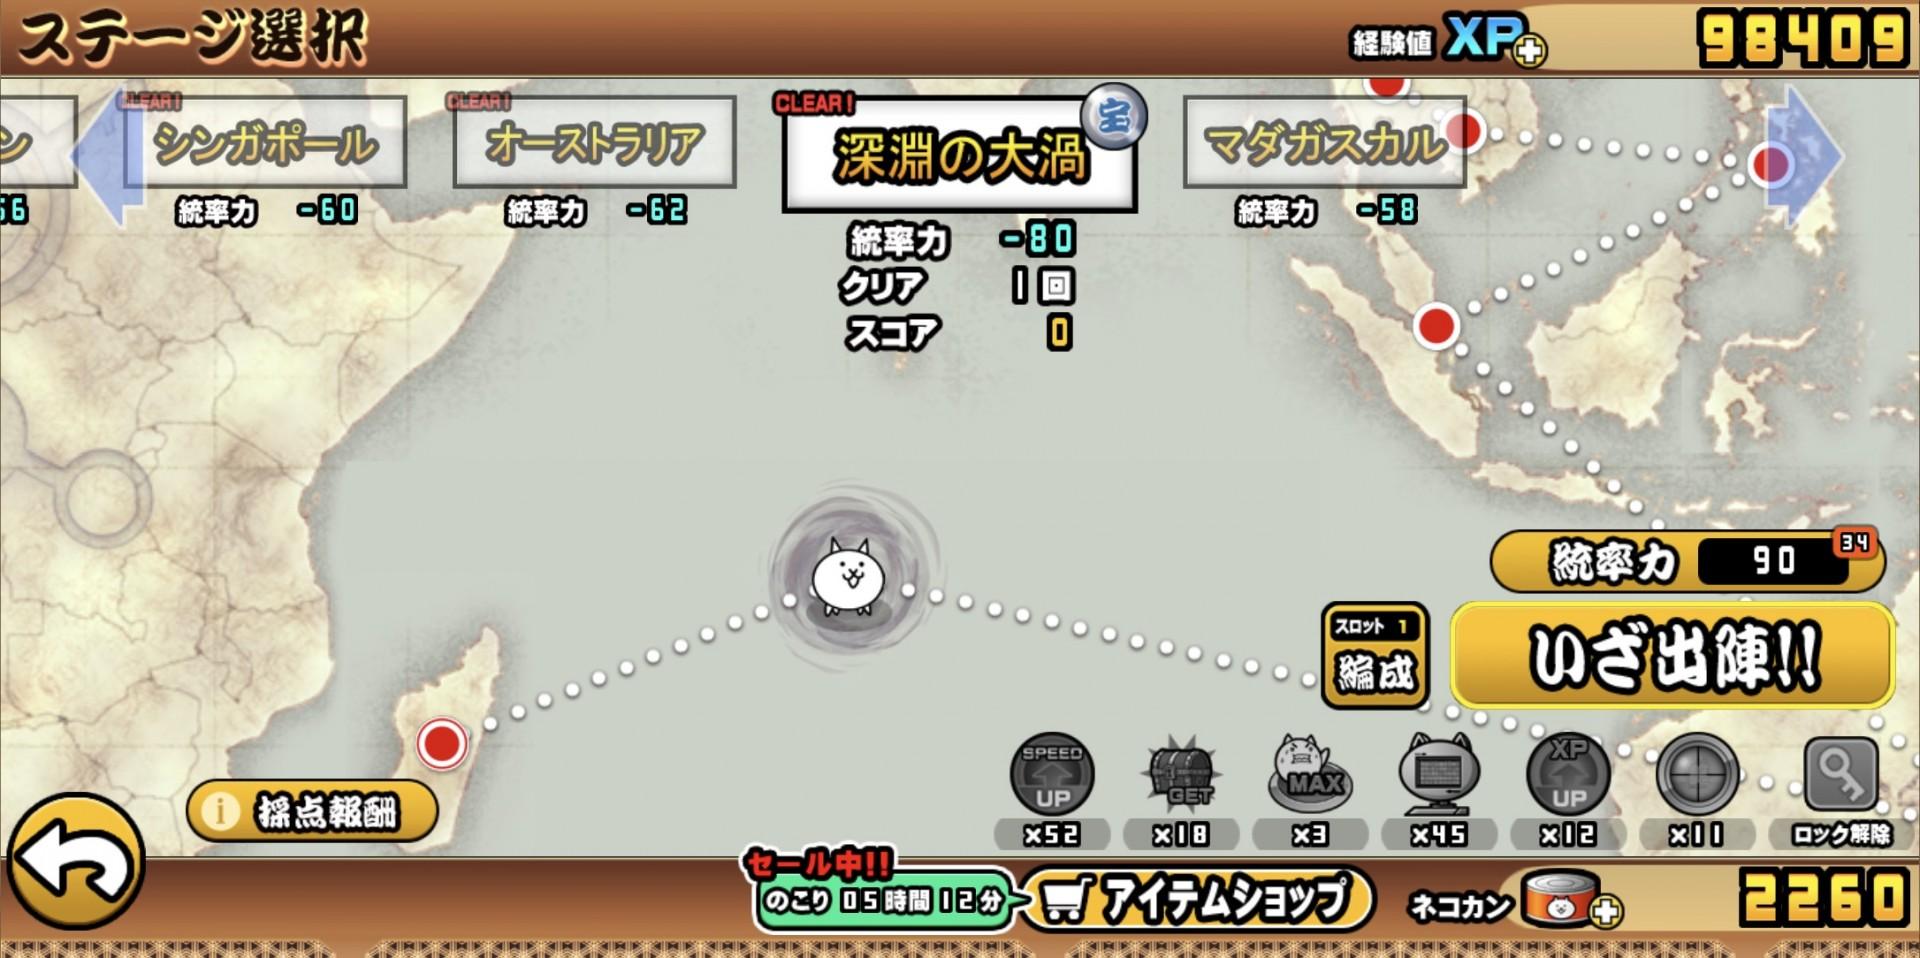 第 宇宙 大 編 にゃんこ 章 戦争 1